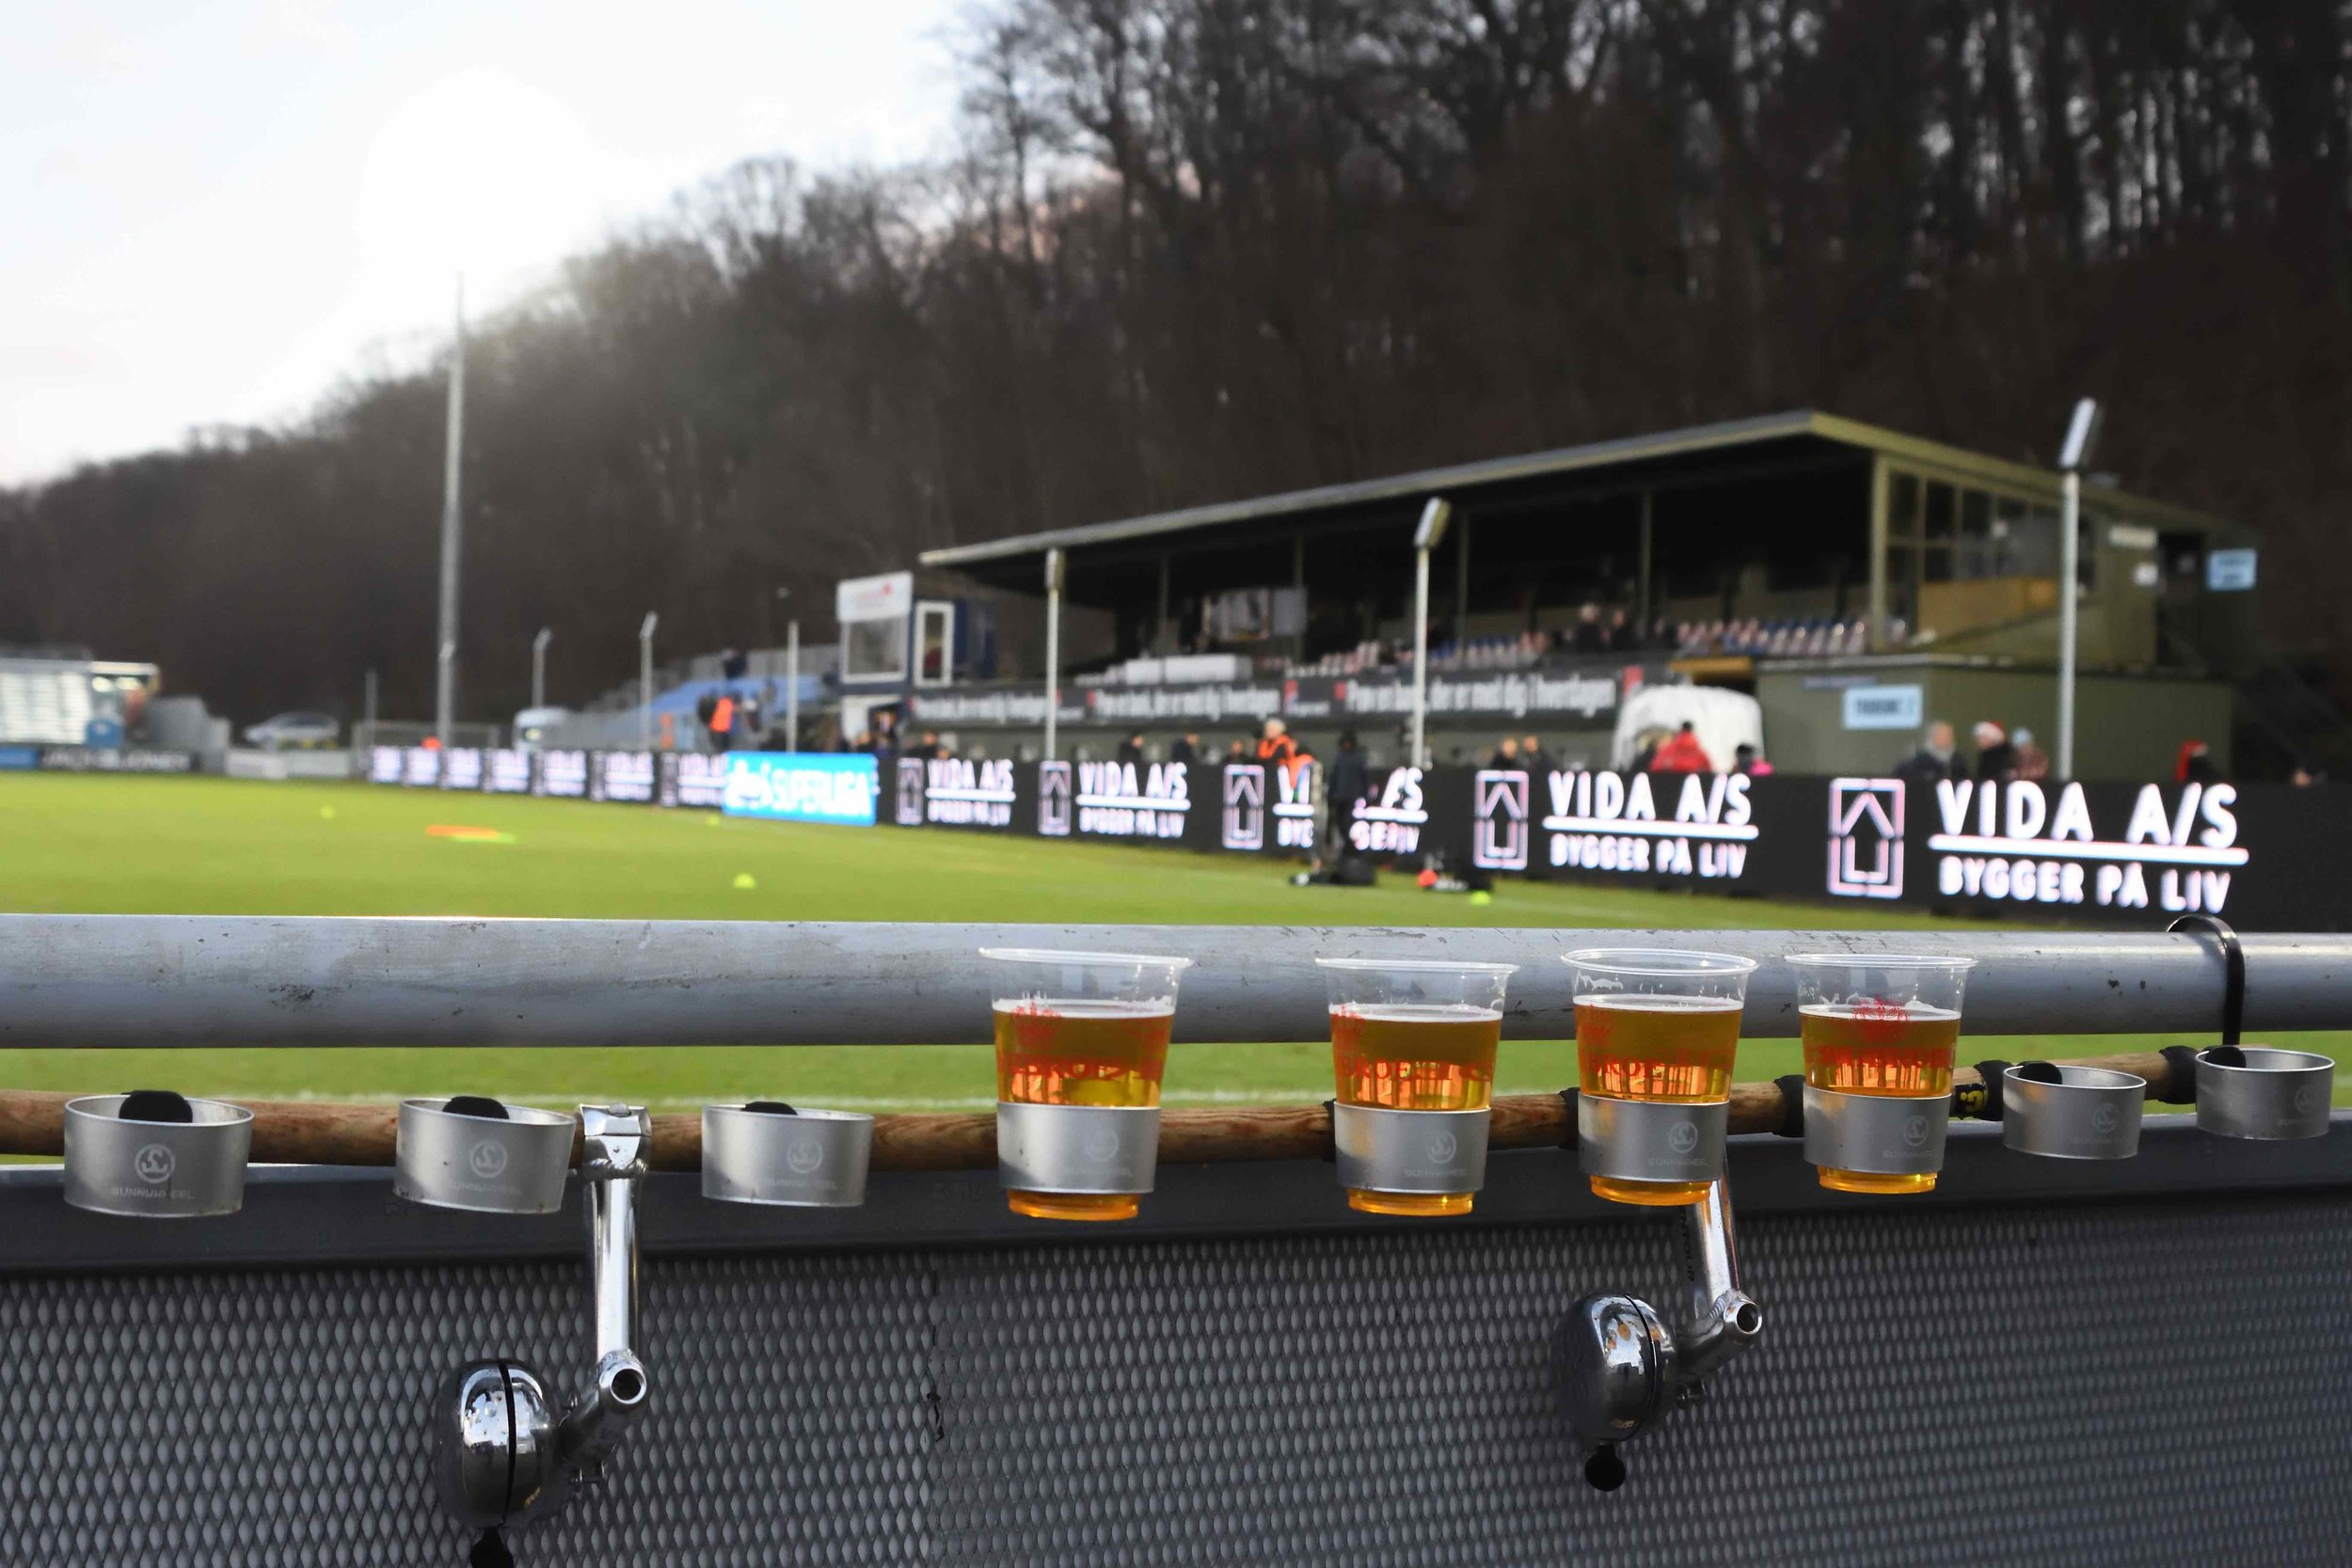 Beers in Denmark, diffeerent places have different attitude (55footballnations.com / Matt Walker)